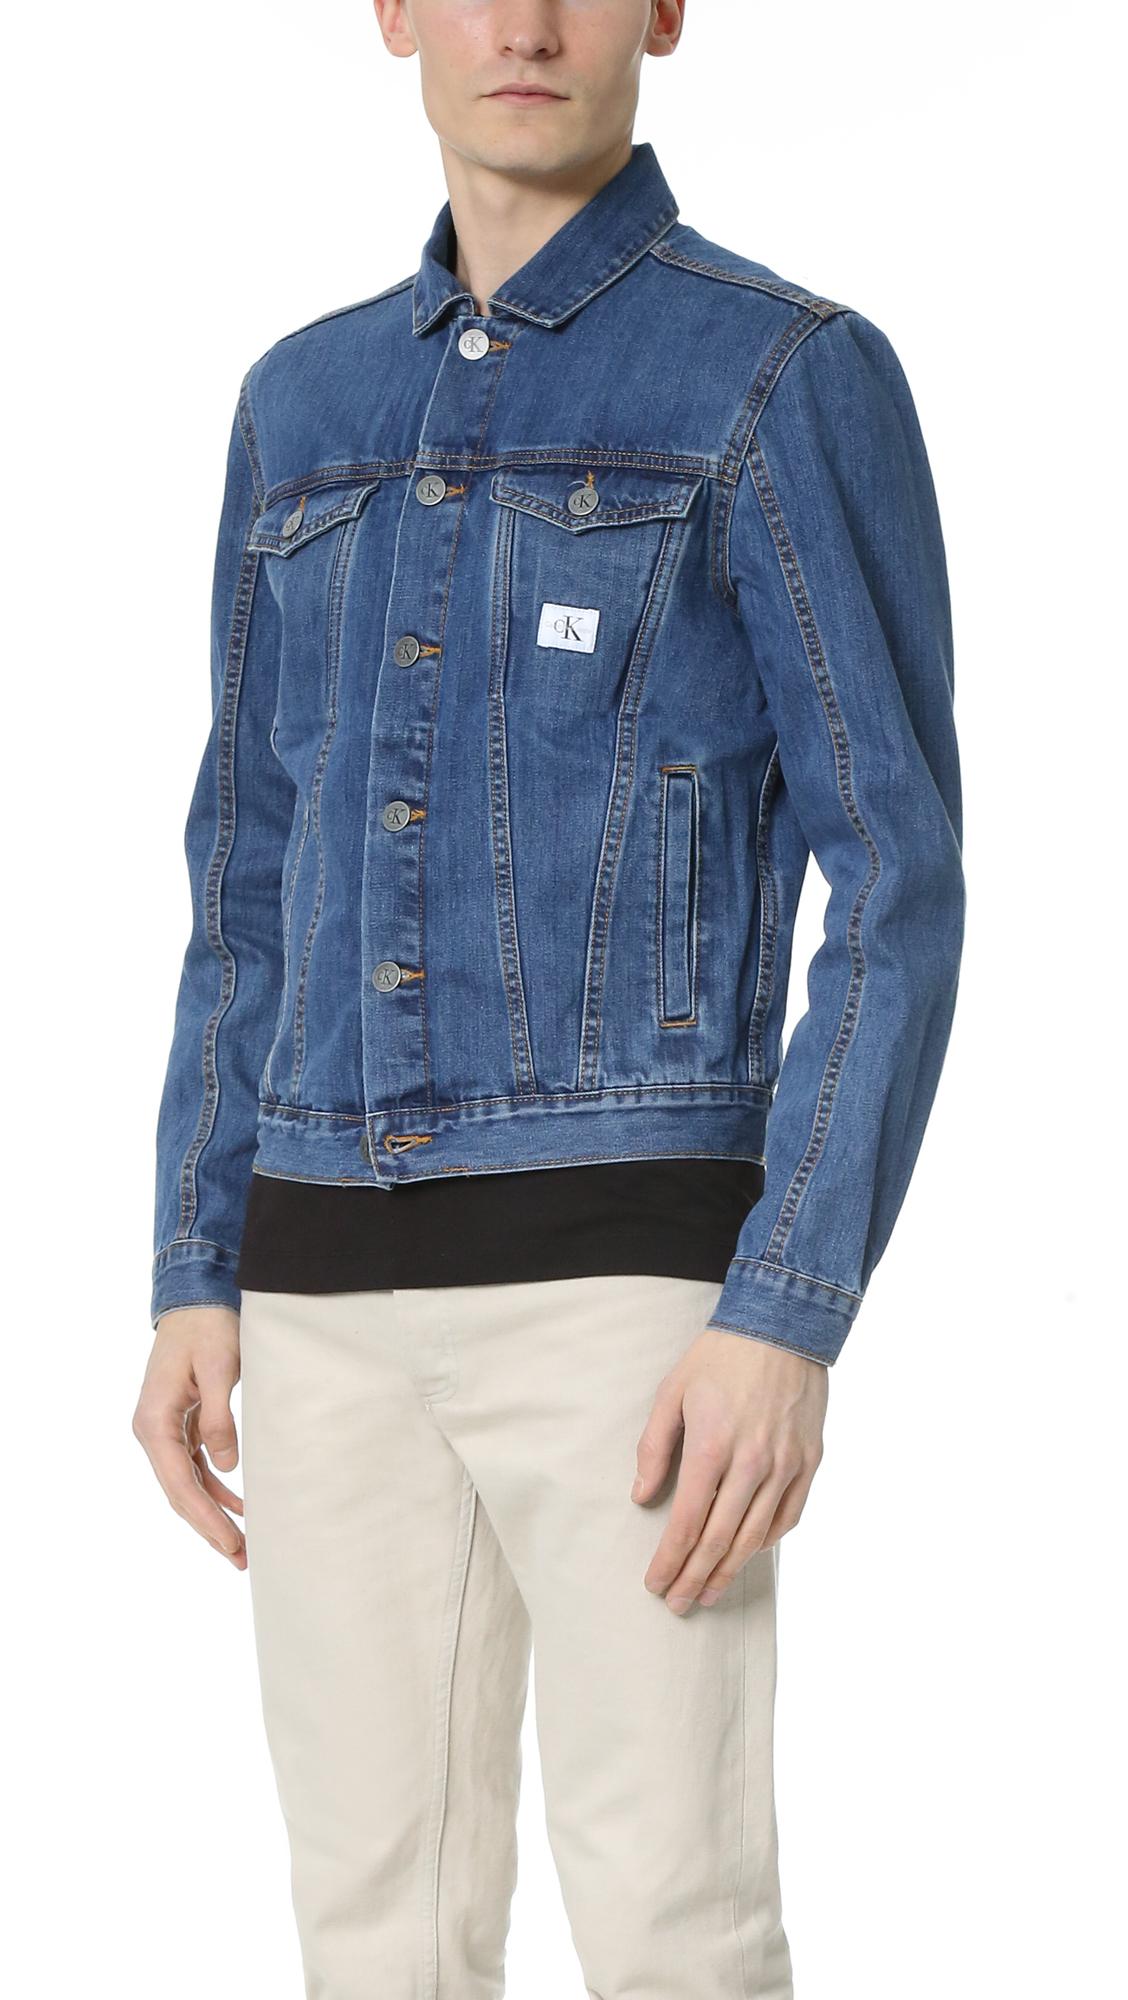 Lyst - Calvin Klein Jeans Trucker Jacket in Blue for Men